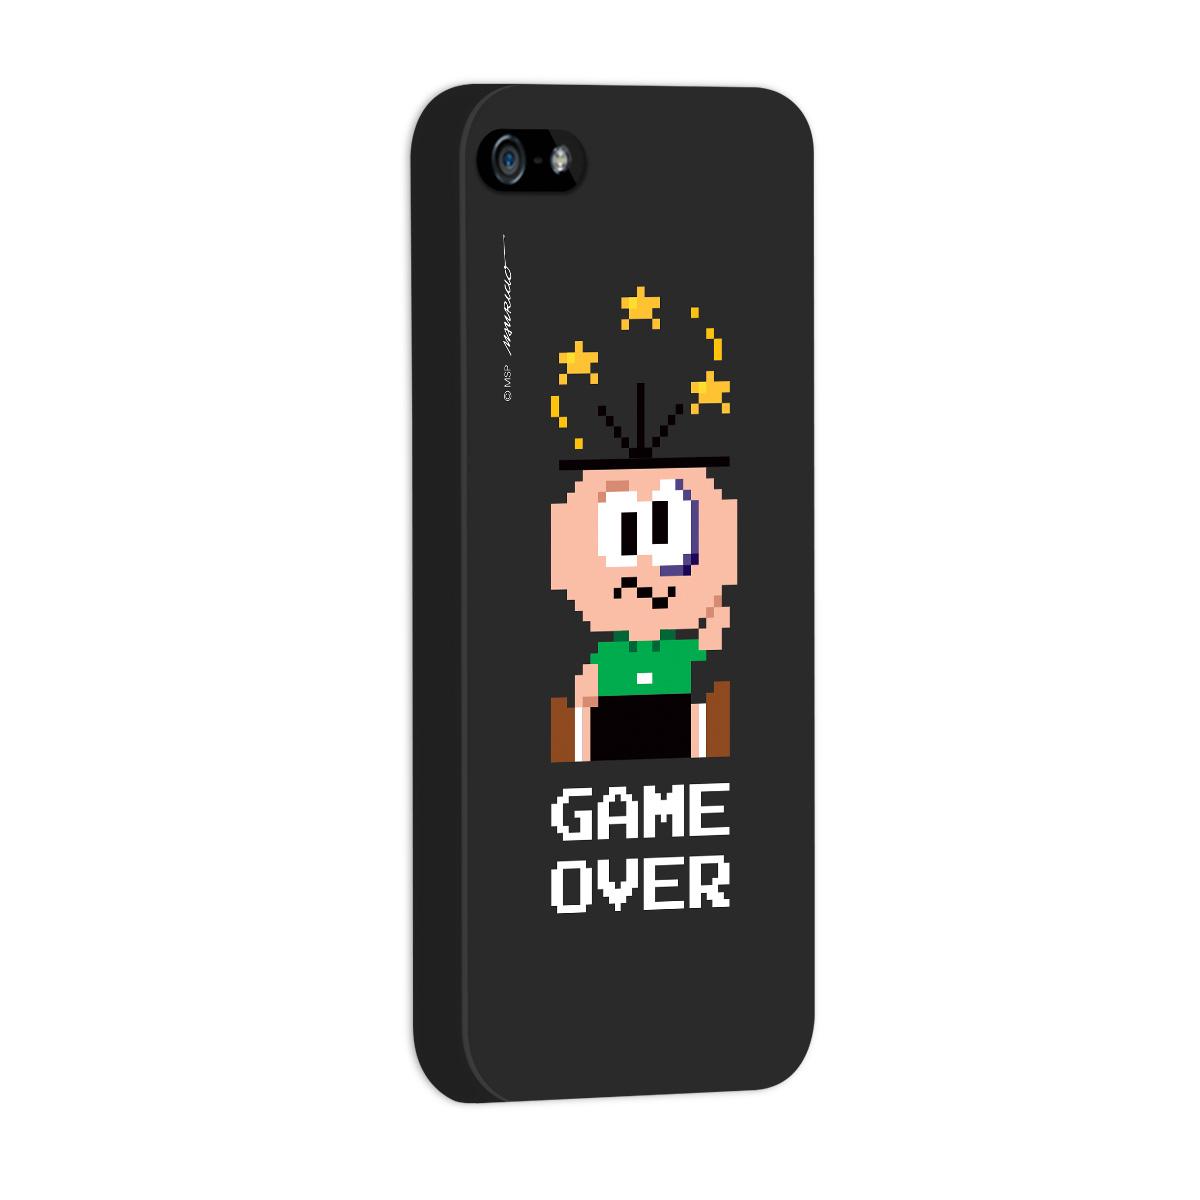 Capa para iPhone 5/5S Turma da Mônica Cebolinha Game Over